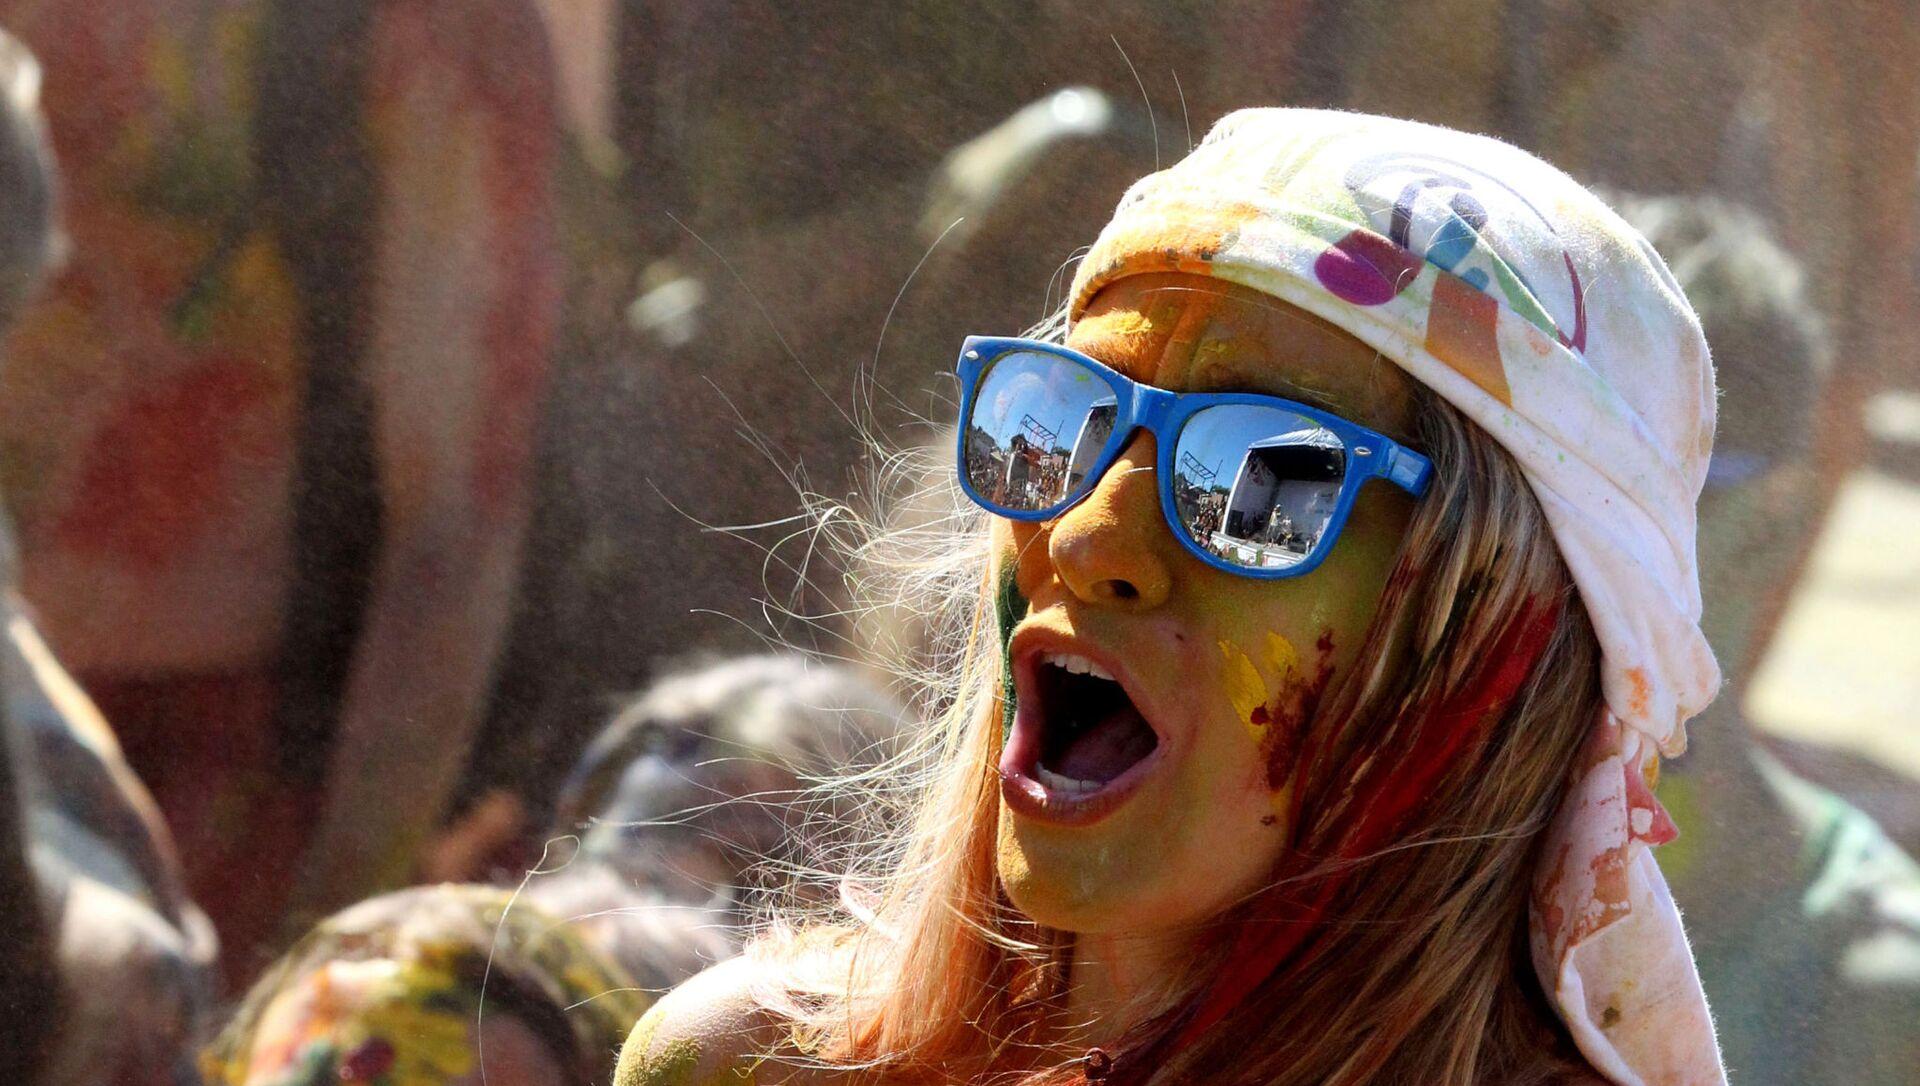 Una ragazza urla ad un festival - Sputnik Italia, 1920, 06.03.2021